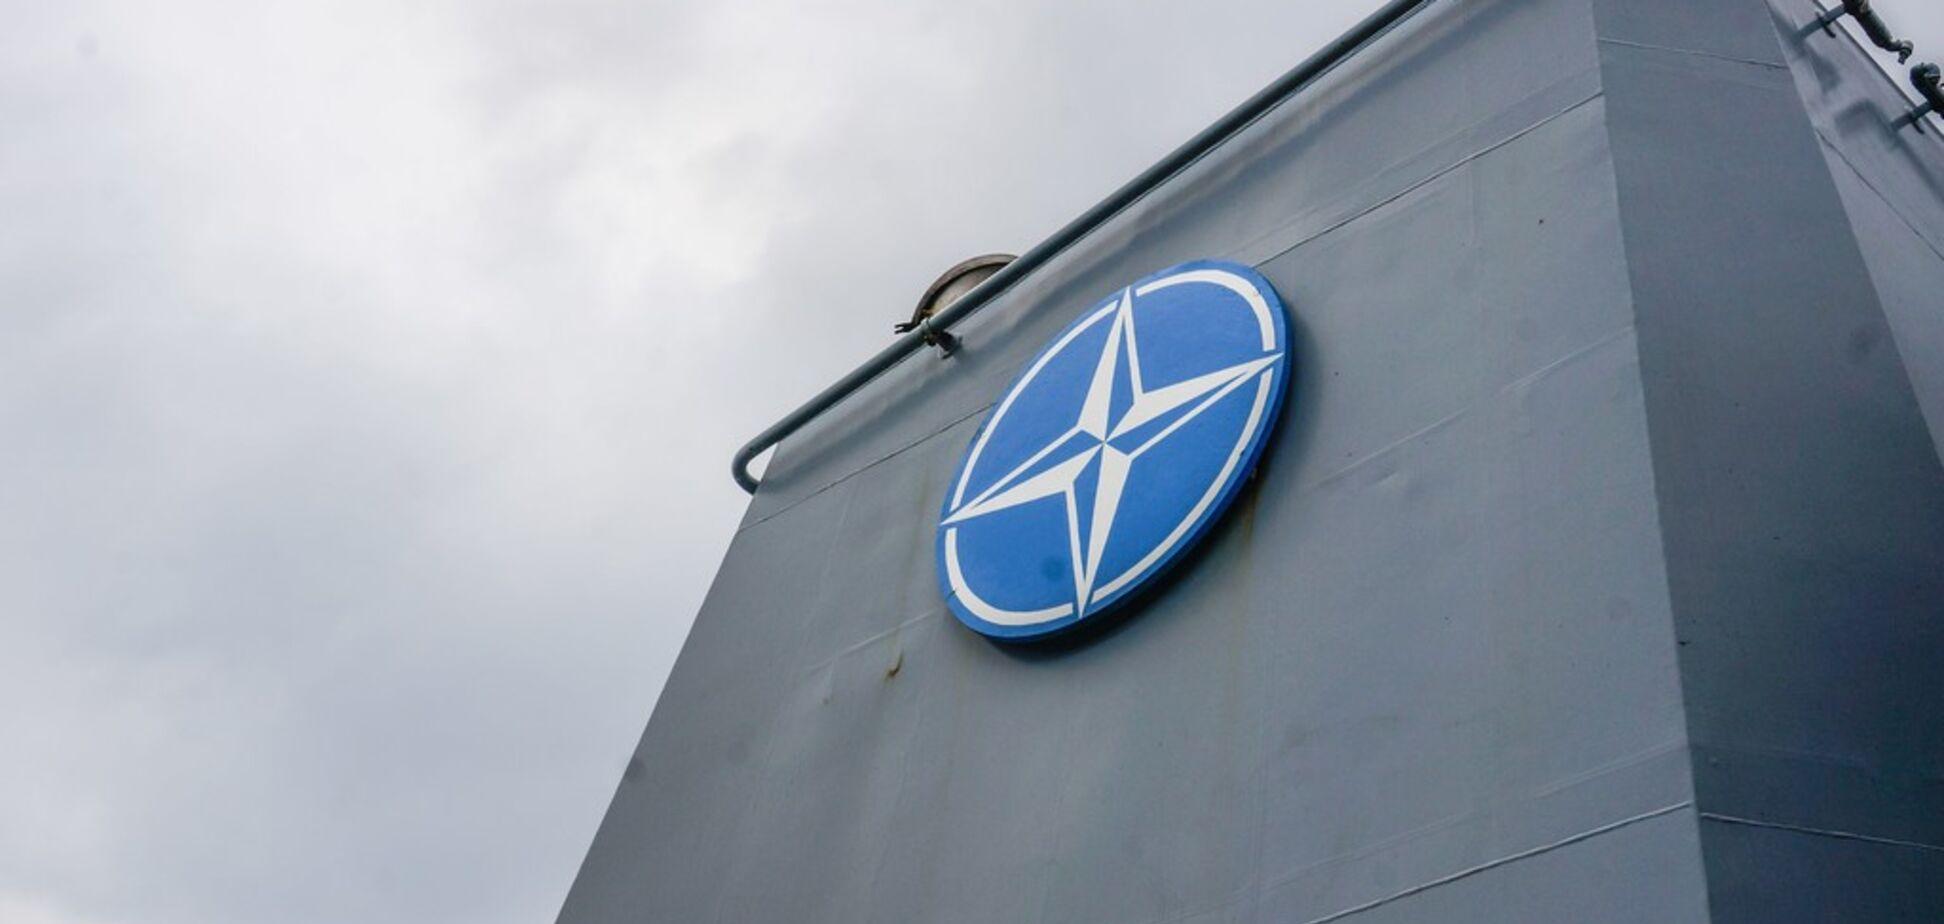 У России остался последний шанс: в НАТО сделали предупреждение Путину